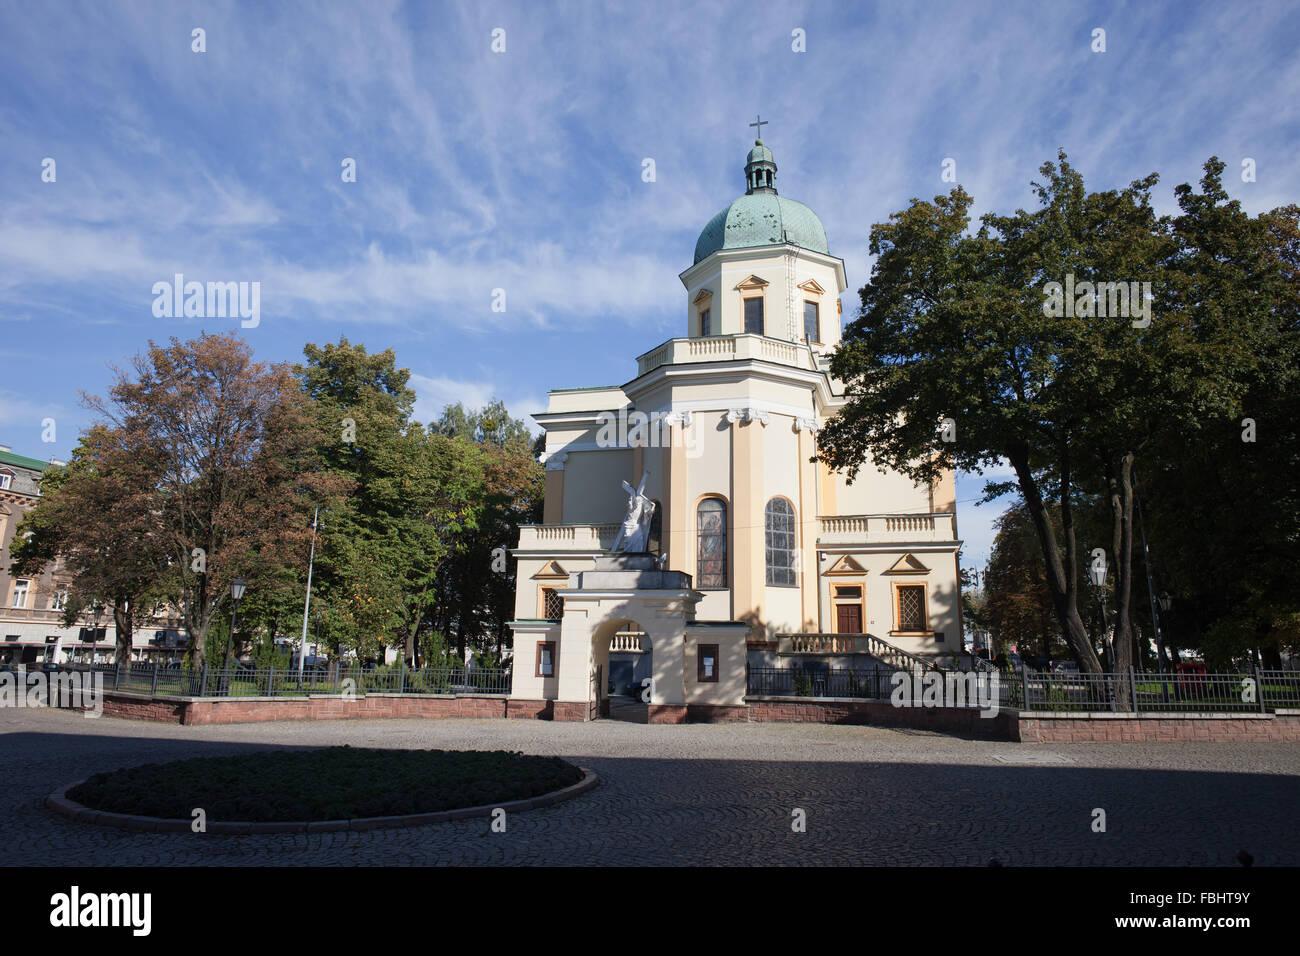 St. Stanislaus Garrison Church in Radom, Poland - Stock Image